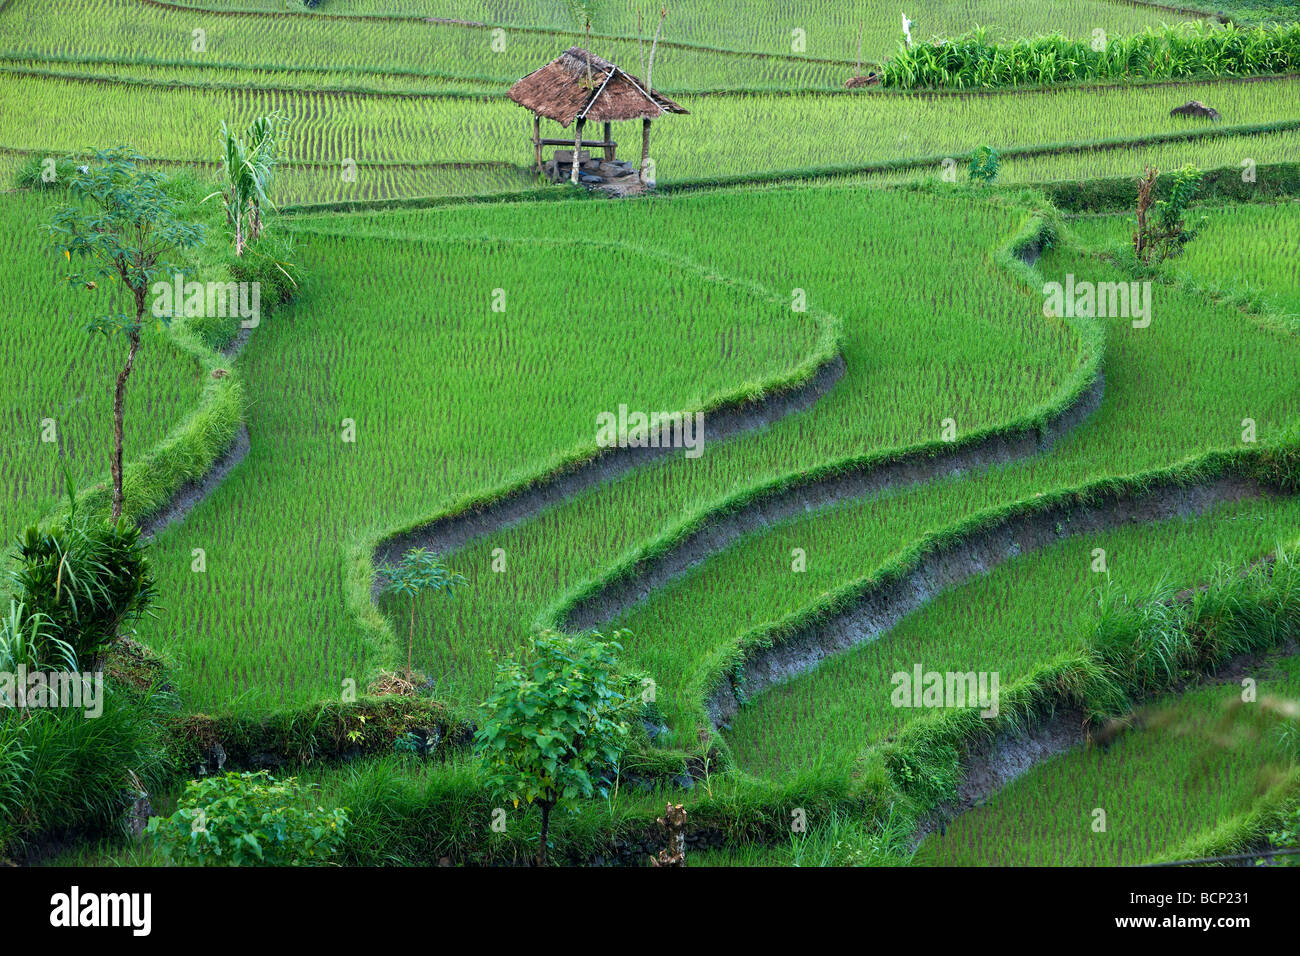 die terrassenförmig angelegten Reis Felder, in der Nähe von Tirtagangga, Bali, Indonesien Stockbild